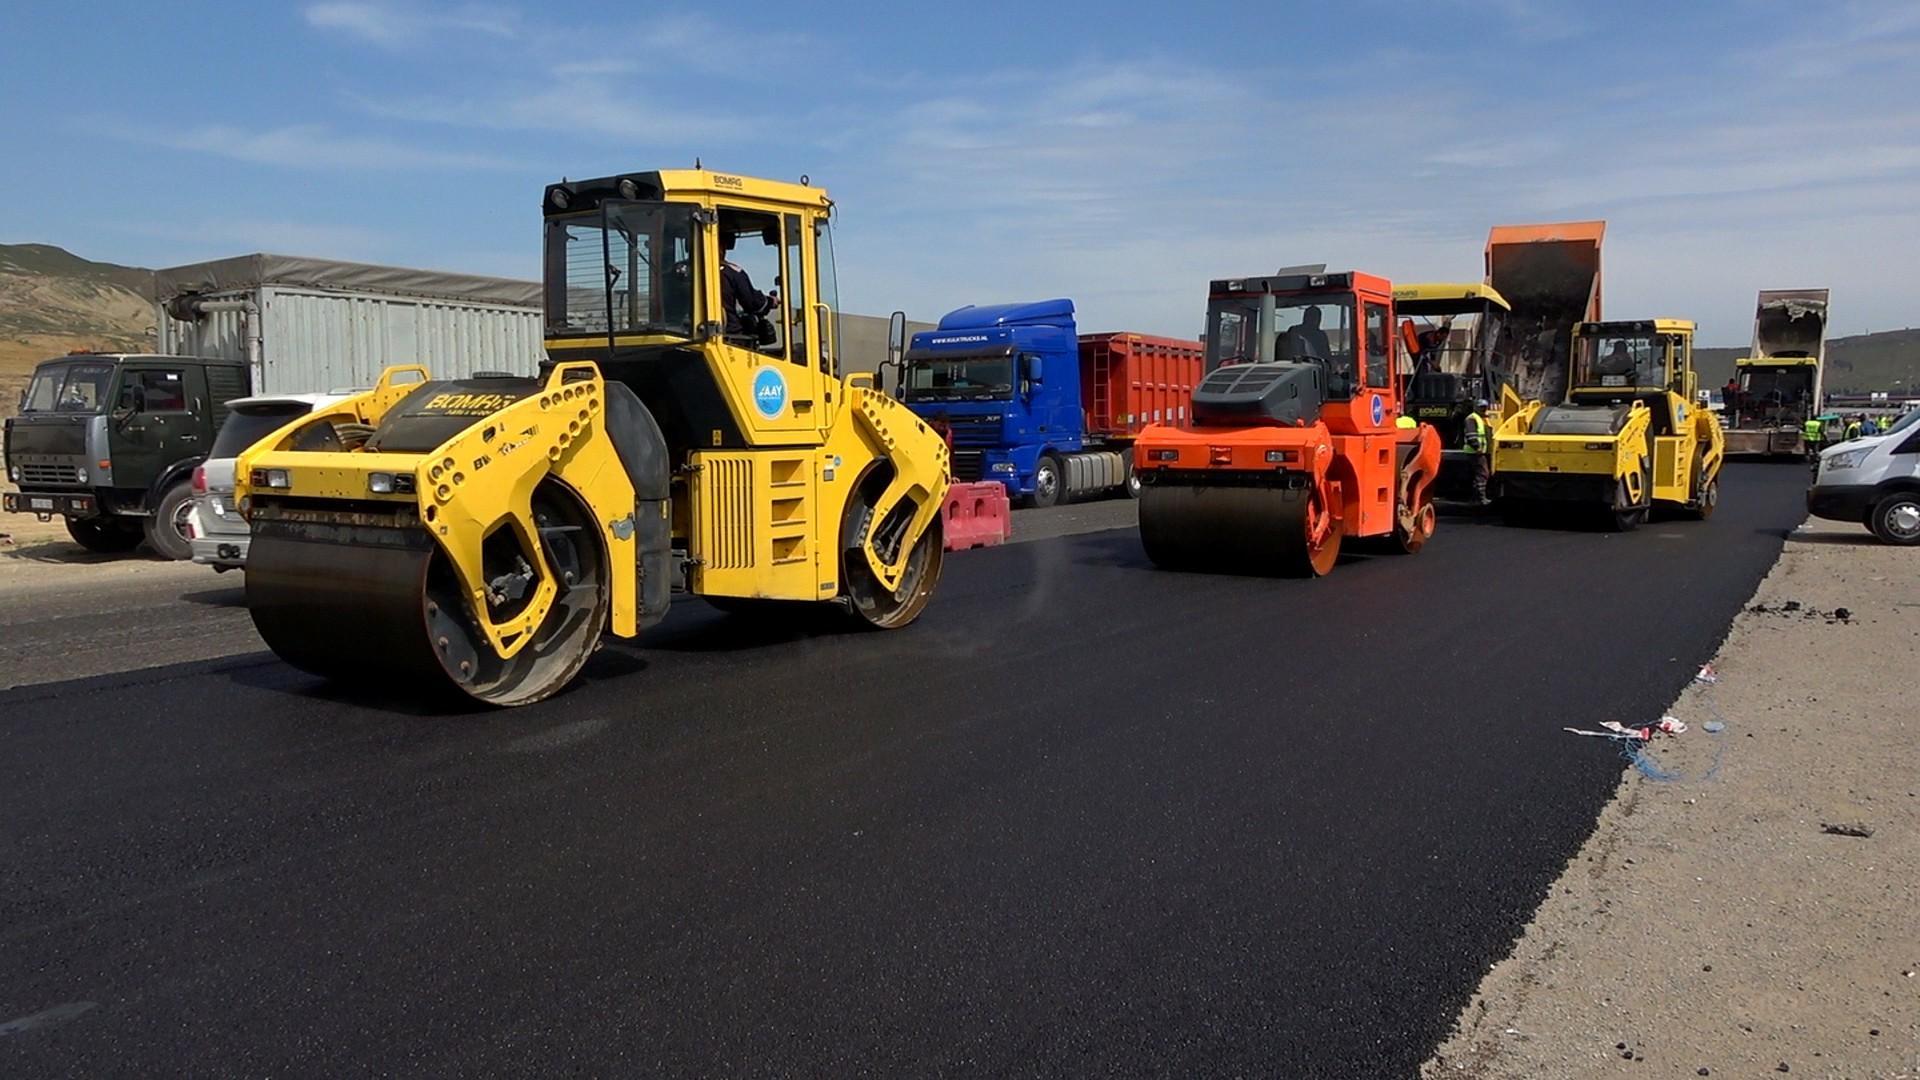 Xocəsən-Lökbatan yolunun yenidən qurulması davam etdirilir (FOTO) - Gallery Image